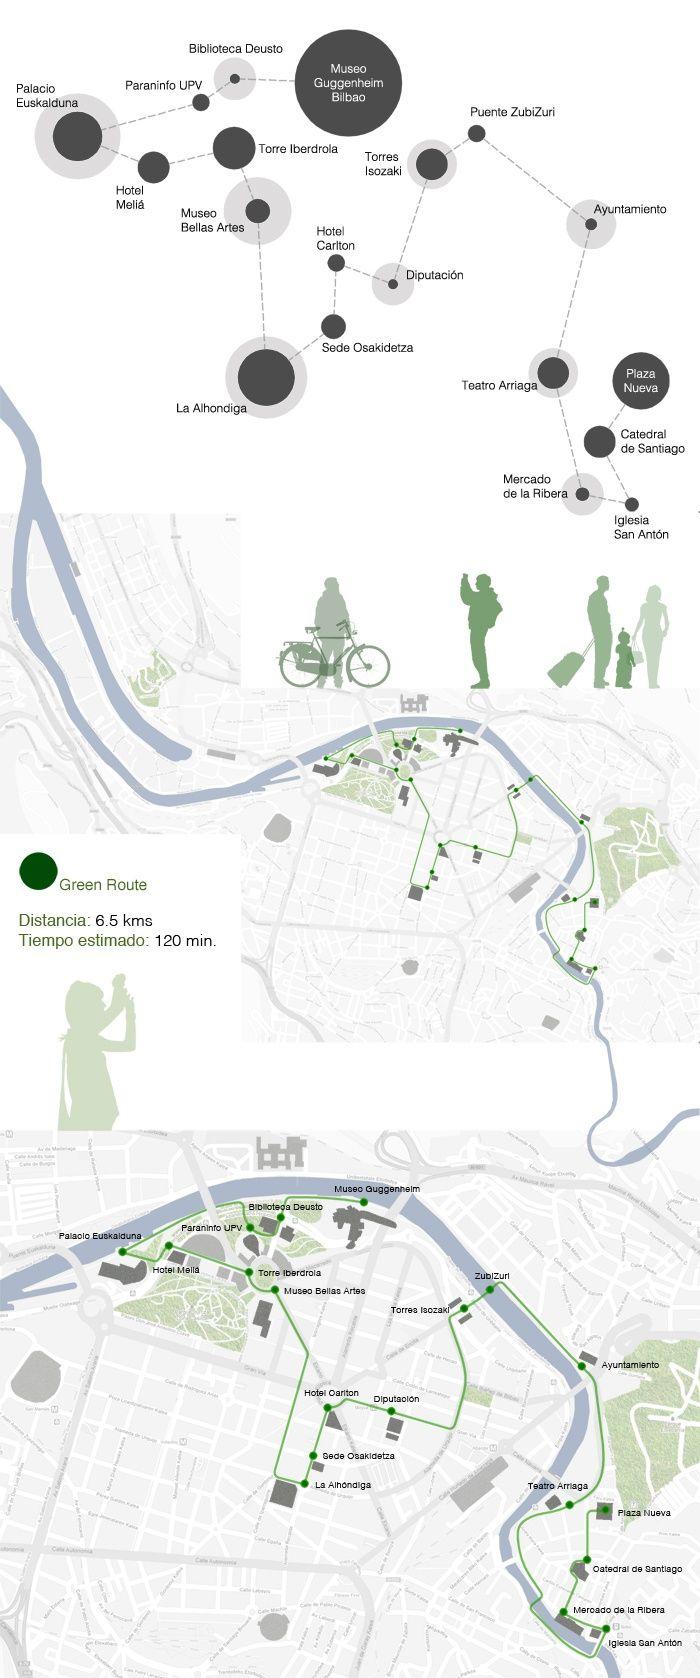 diagrama para el mapa de usos DALT VILA